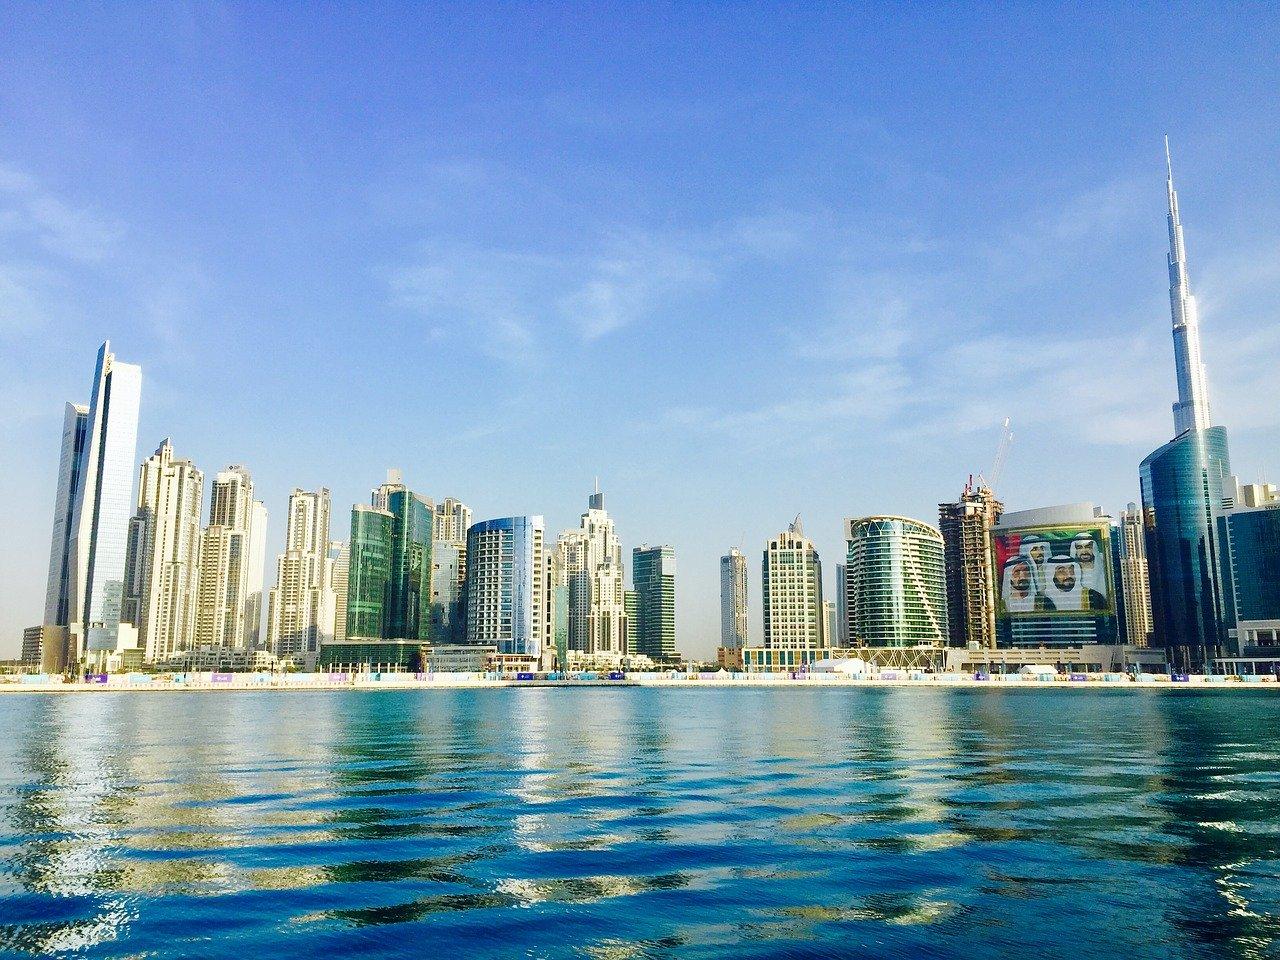 emirats arabes unis premier reacteur nucleaire - L'Energeek